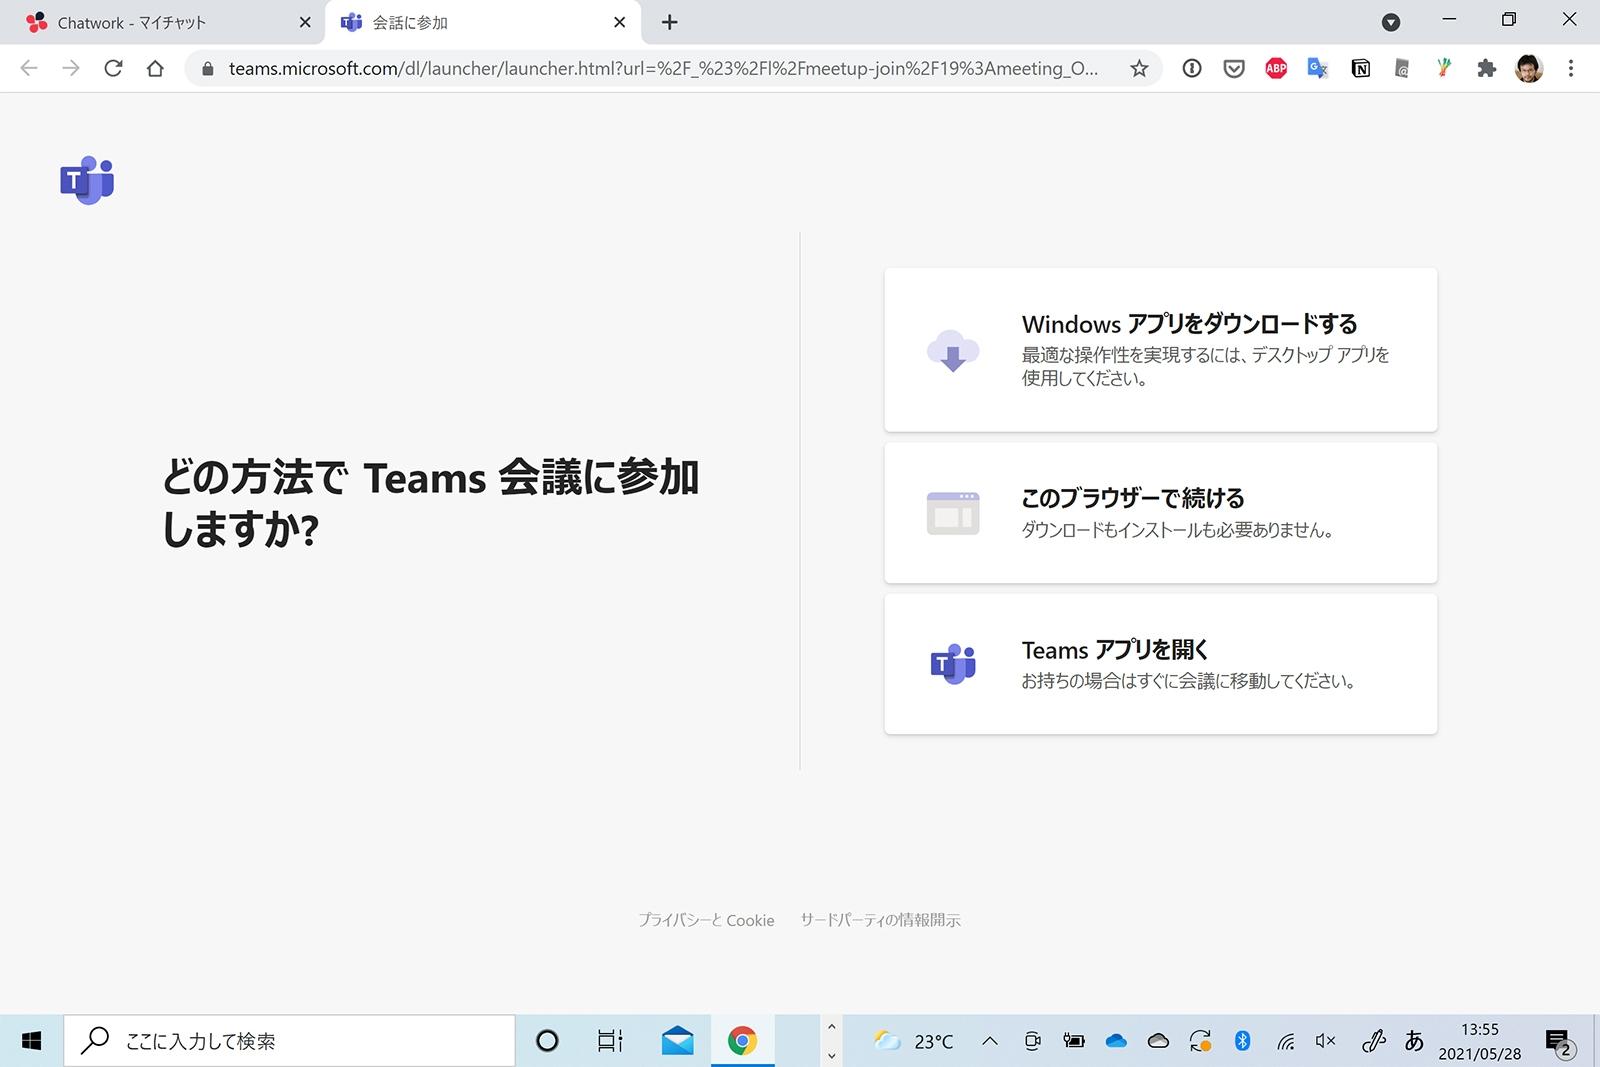 TeamsはWebブラウザーとアプリのどちらでも利用できる